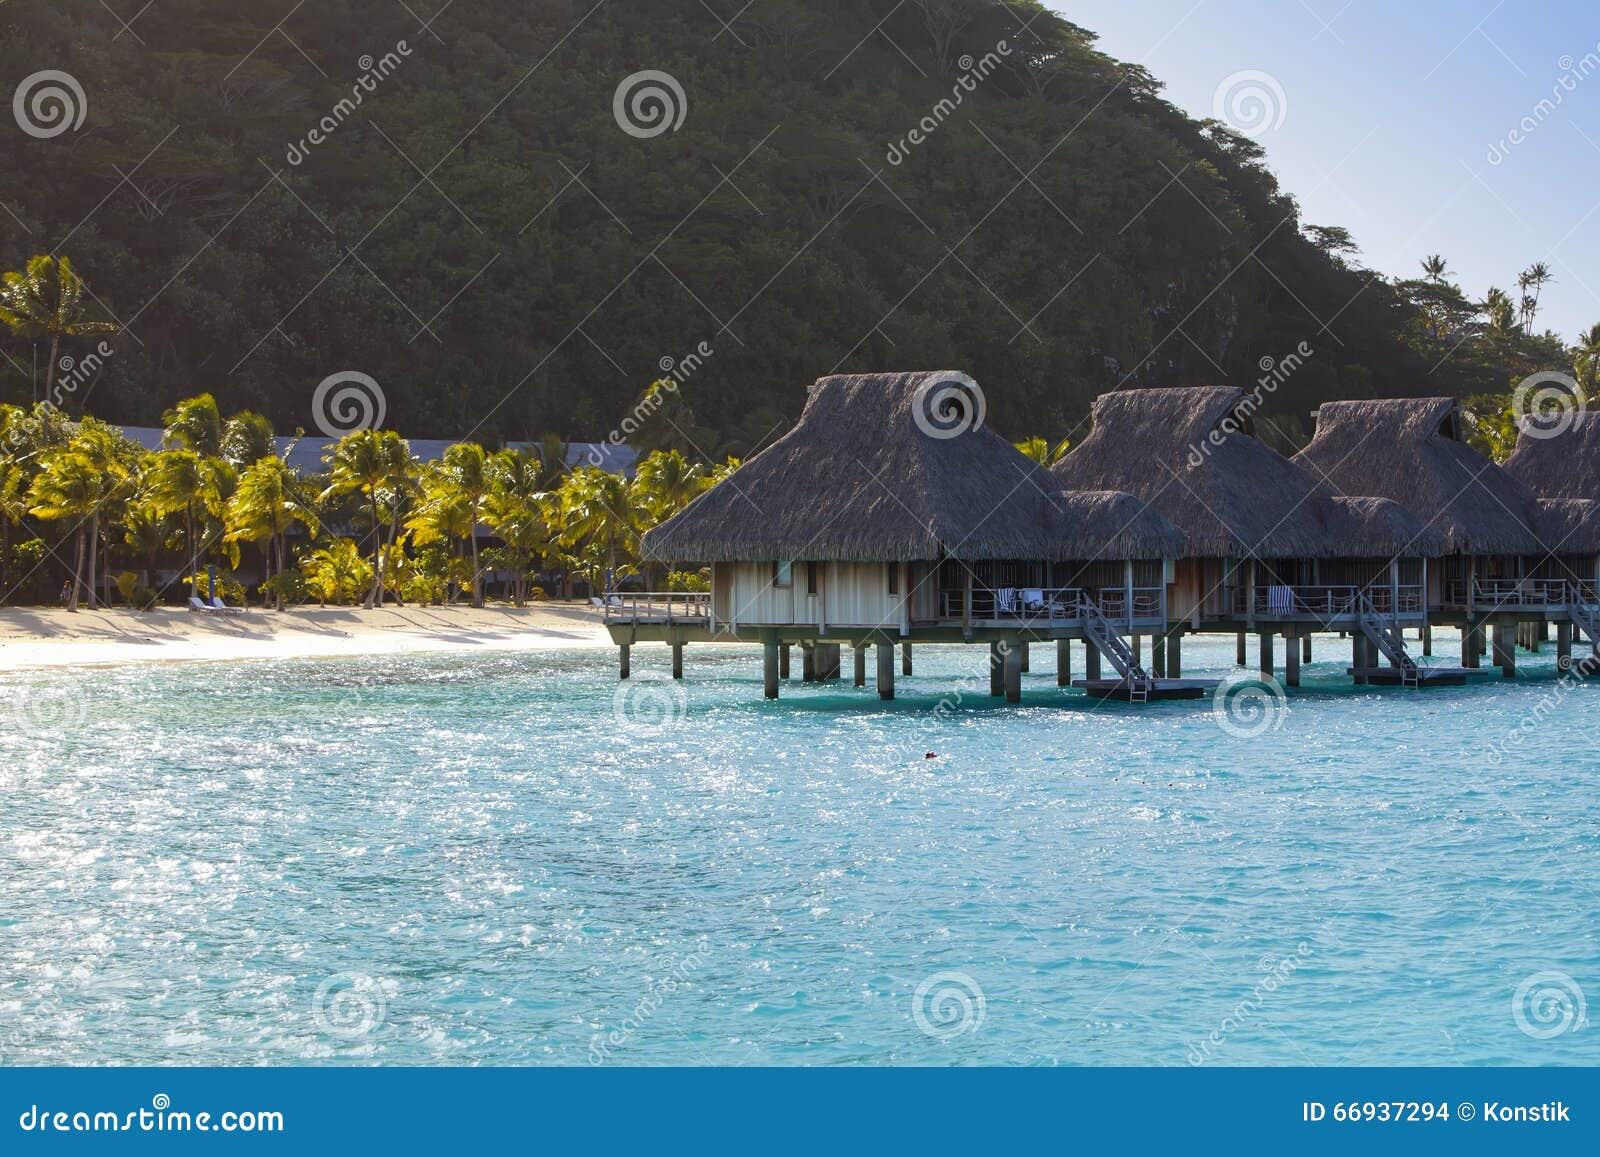 paysage polyn sien typique le avec des palmiers et de petites maisons sur l 39 eau dans l 39 oc an. Black Bedroom Furniture Sets. Home Design Ideas